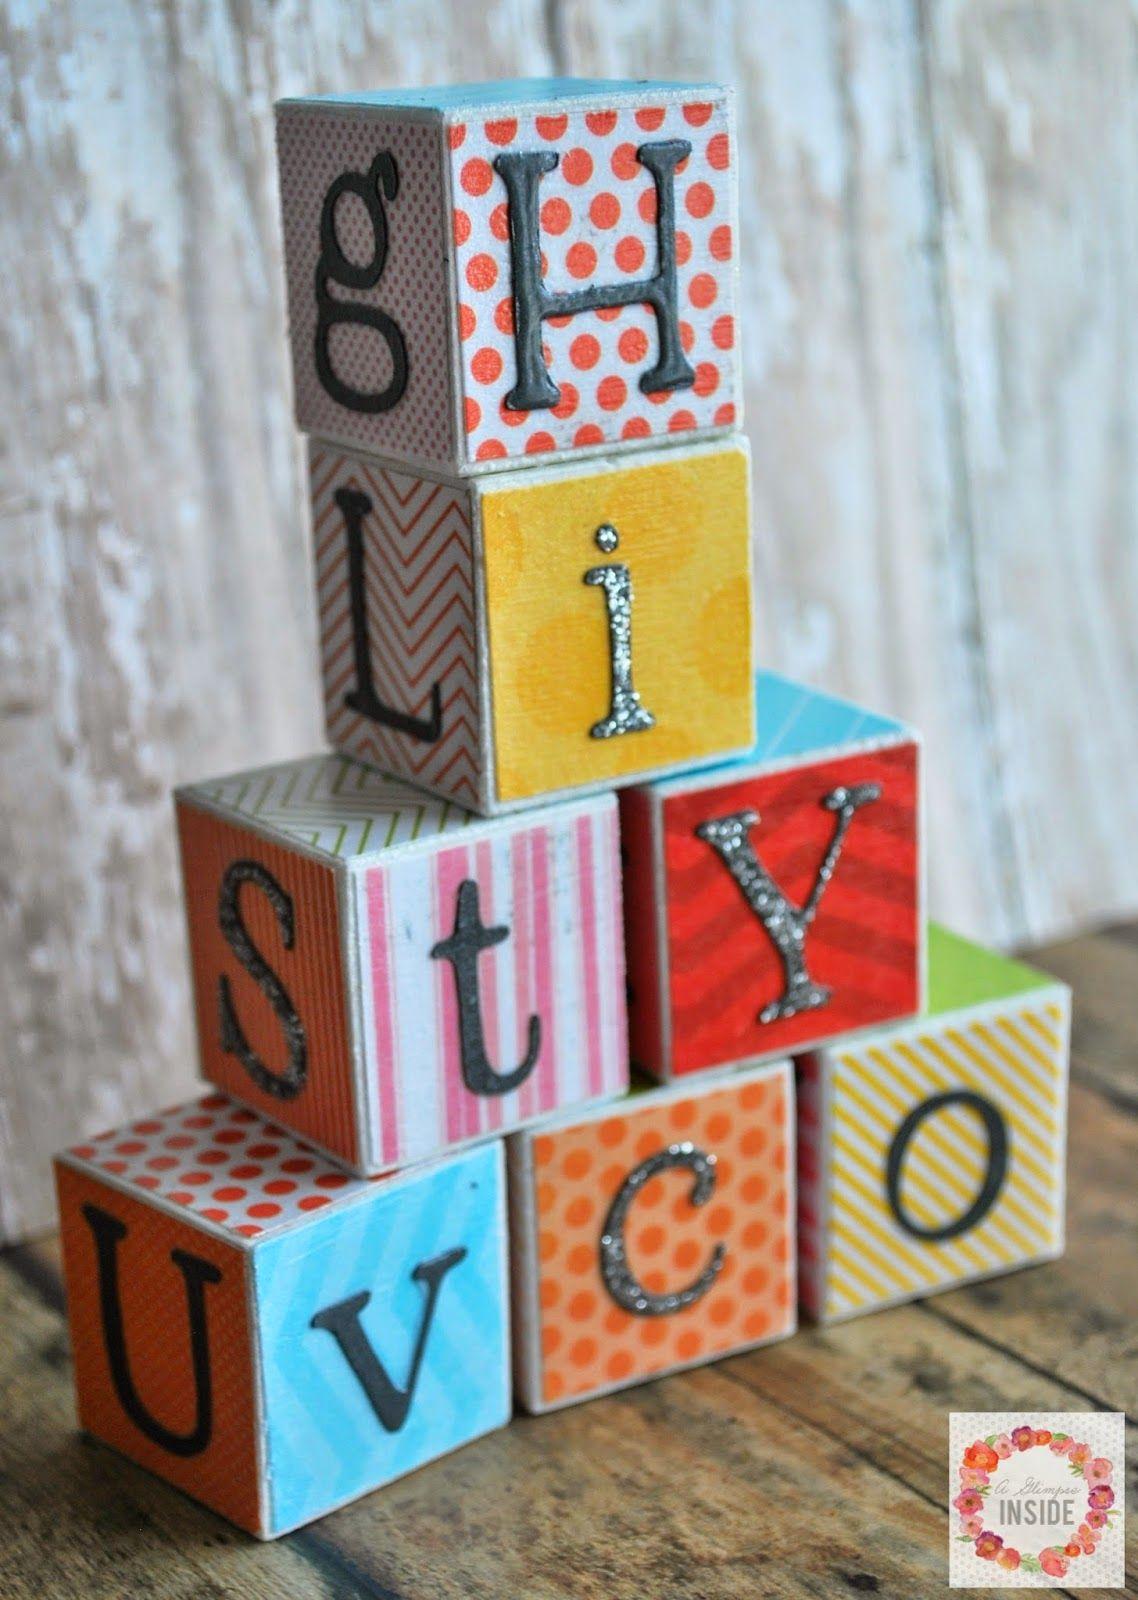 Diy alphabet blocks decoupage y arte en madera pinterest ni os bricolaje y manualidades y - Manualidades y bricolaje ...